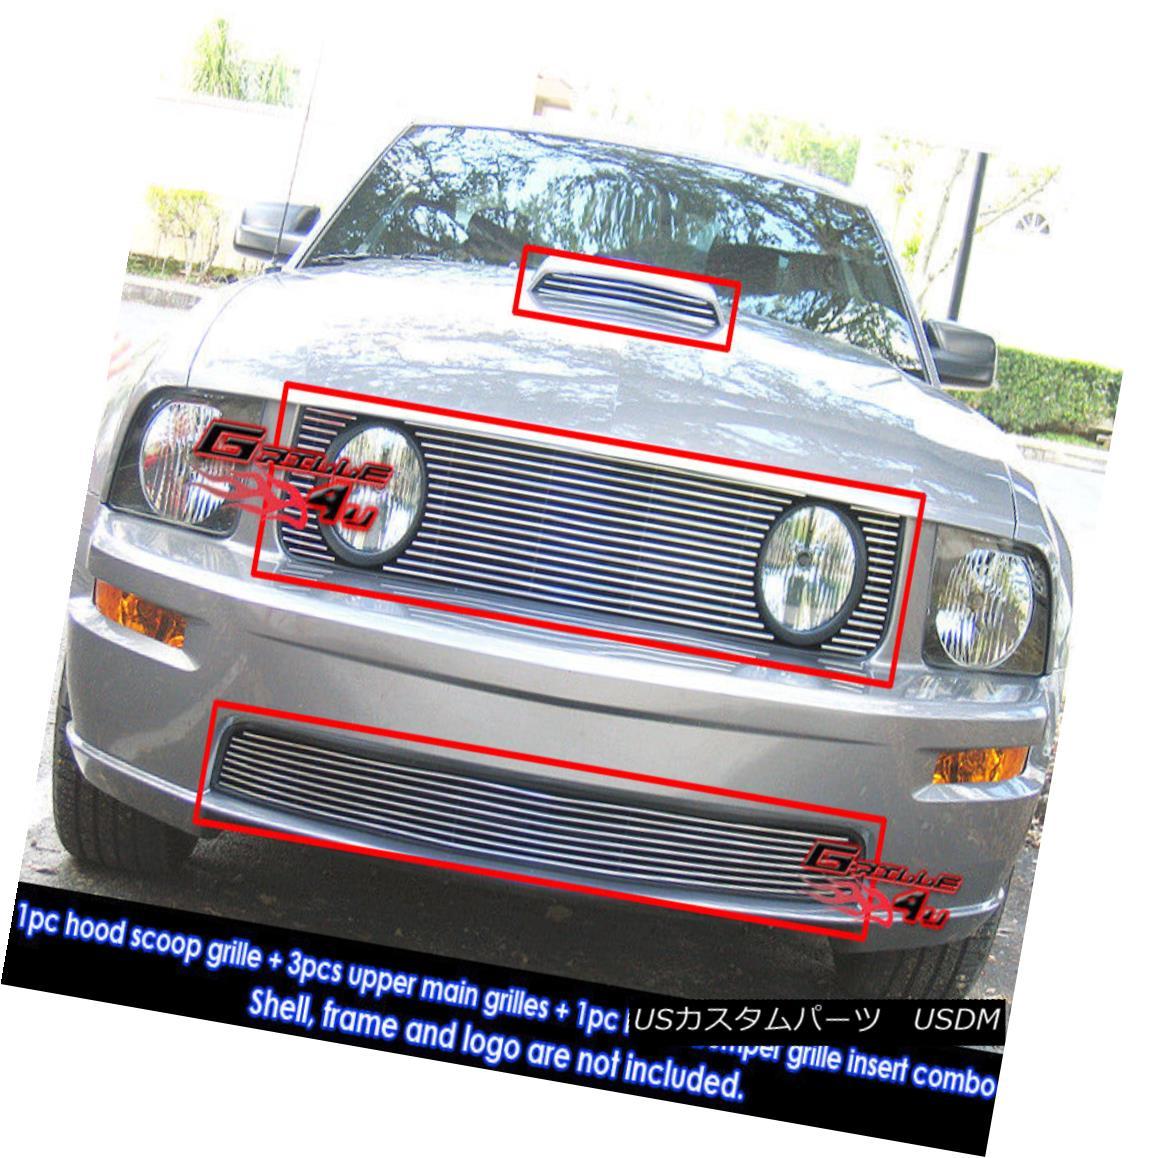 グリル For 05-09 Ford Mustang GT V8 Billet Grille Combo Insert 05-09フォードマスタングGT V8ビレットグリルコンボインサート